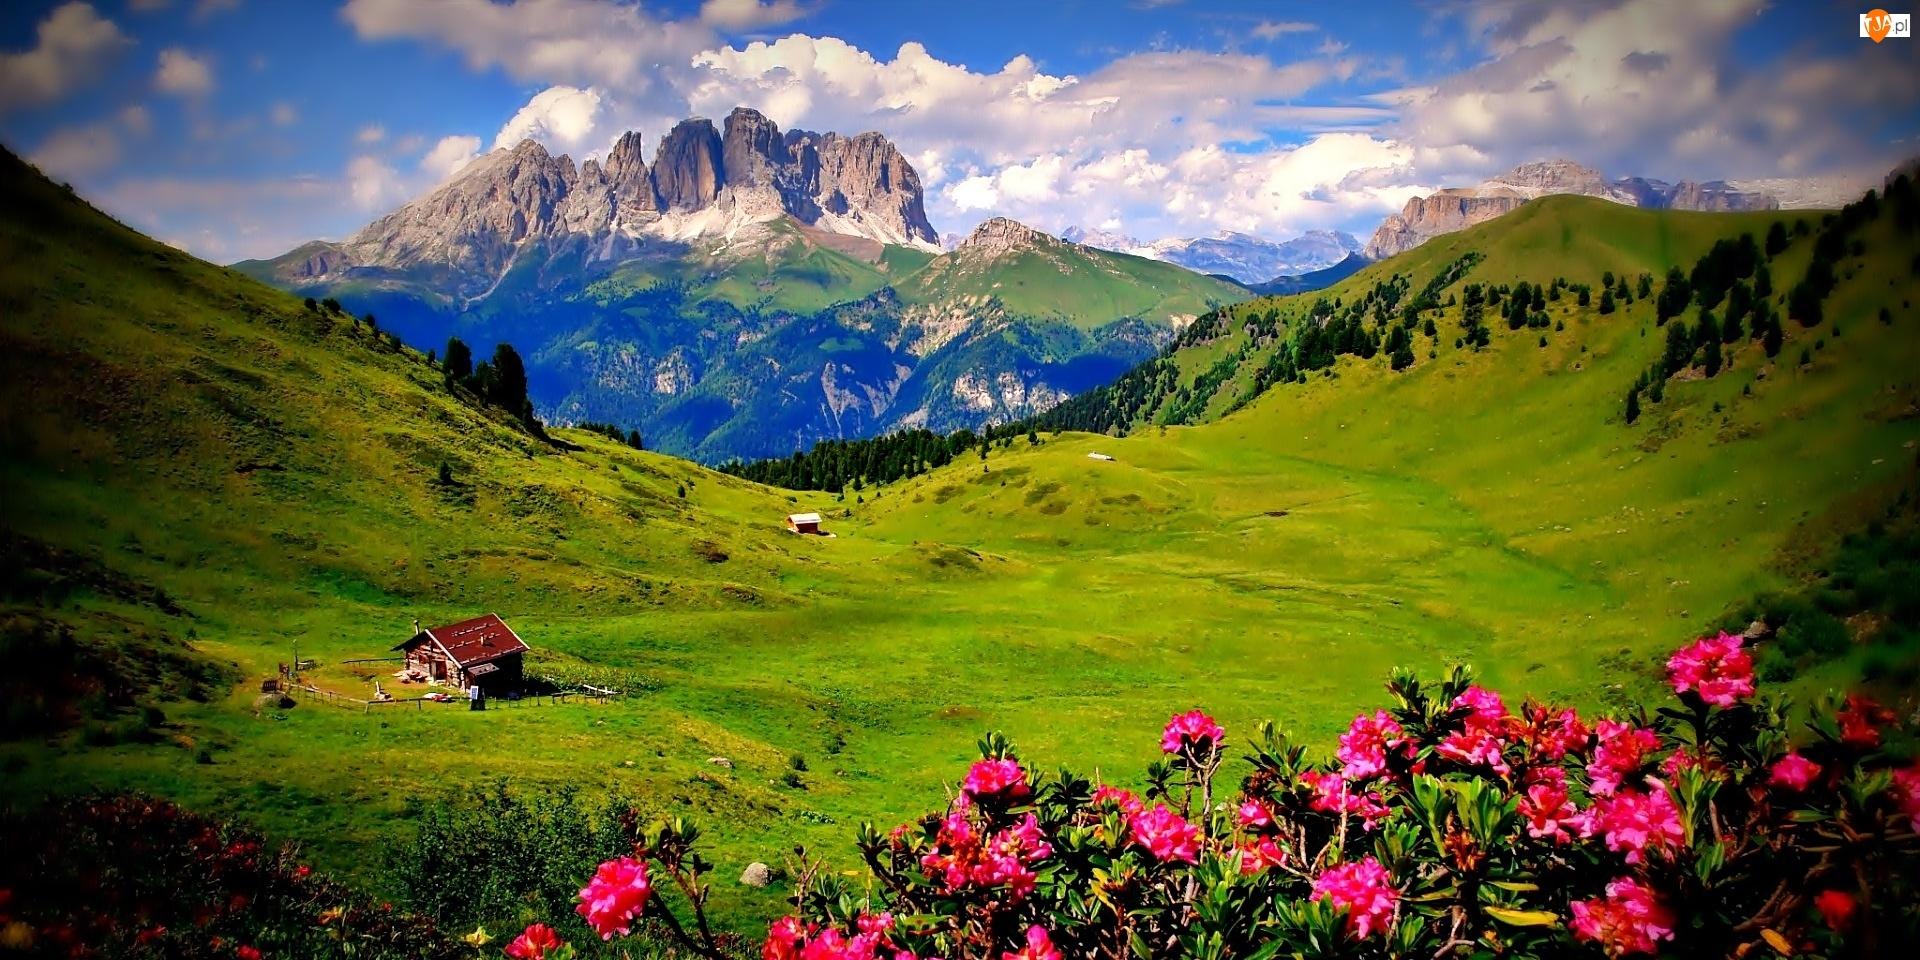 Obłoki, Kwitnące, Góry, Rododendrony, Łąki, Zagroda